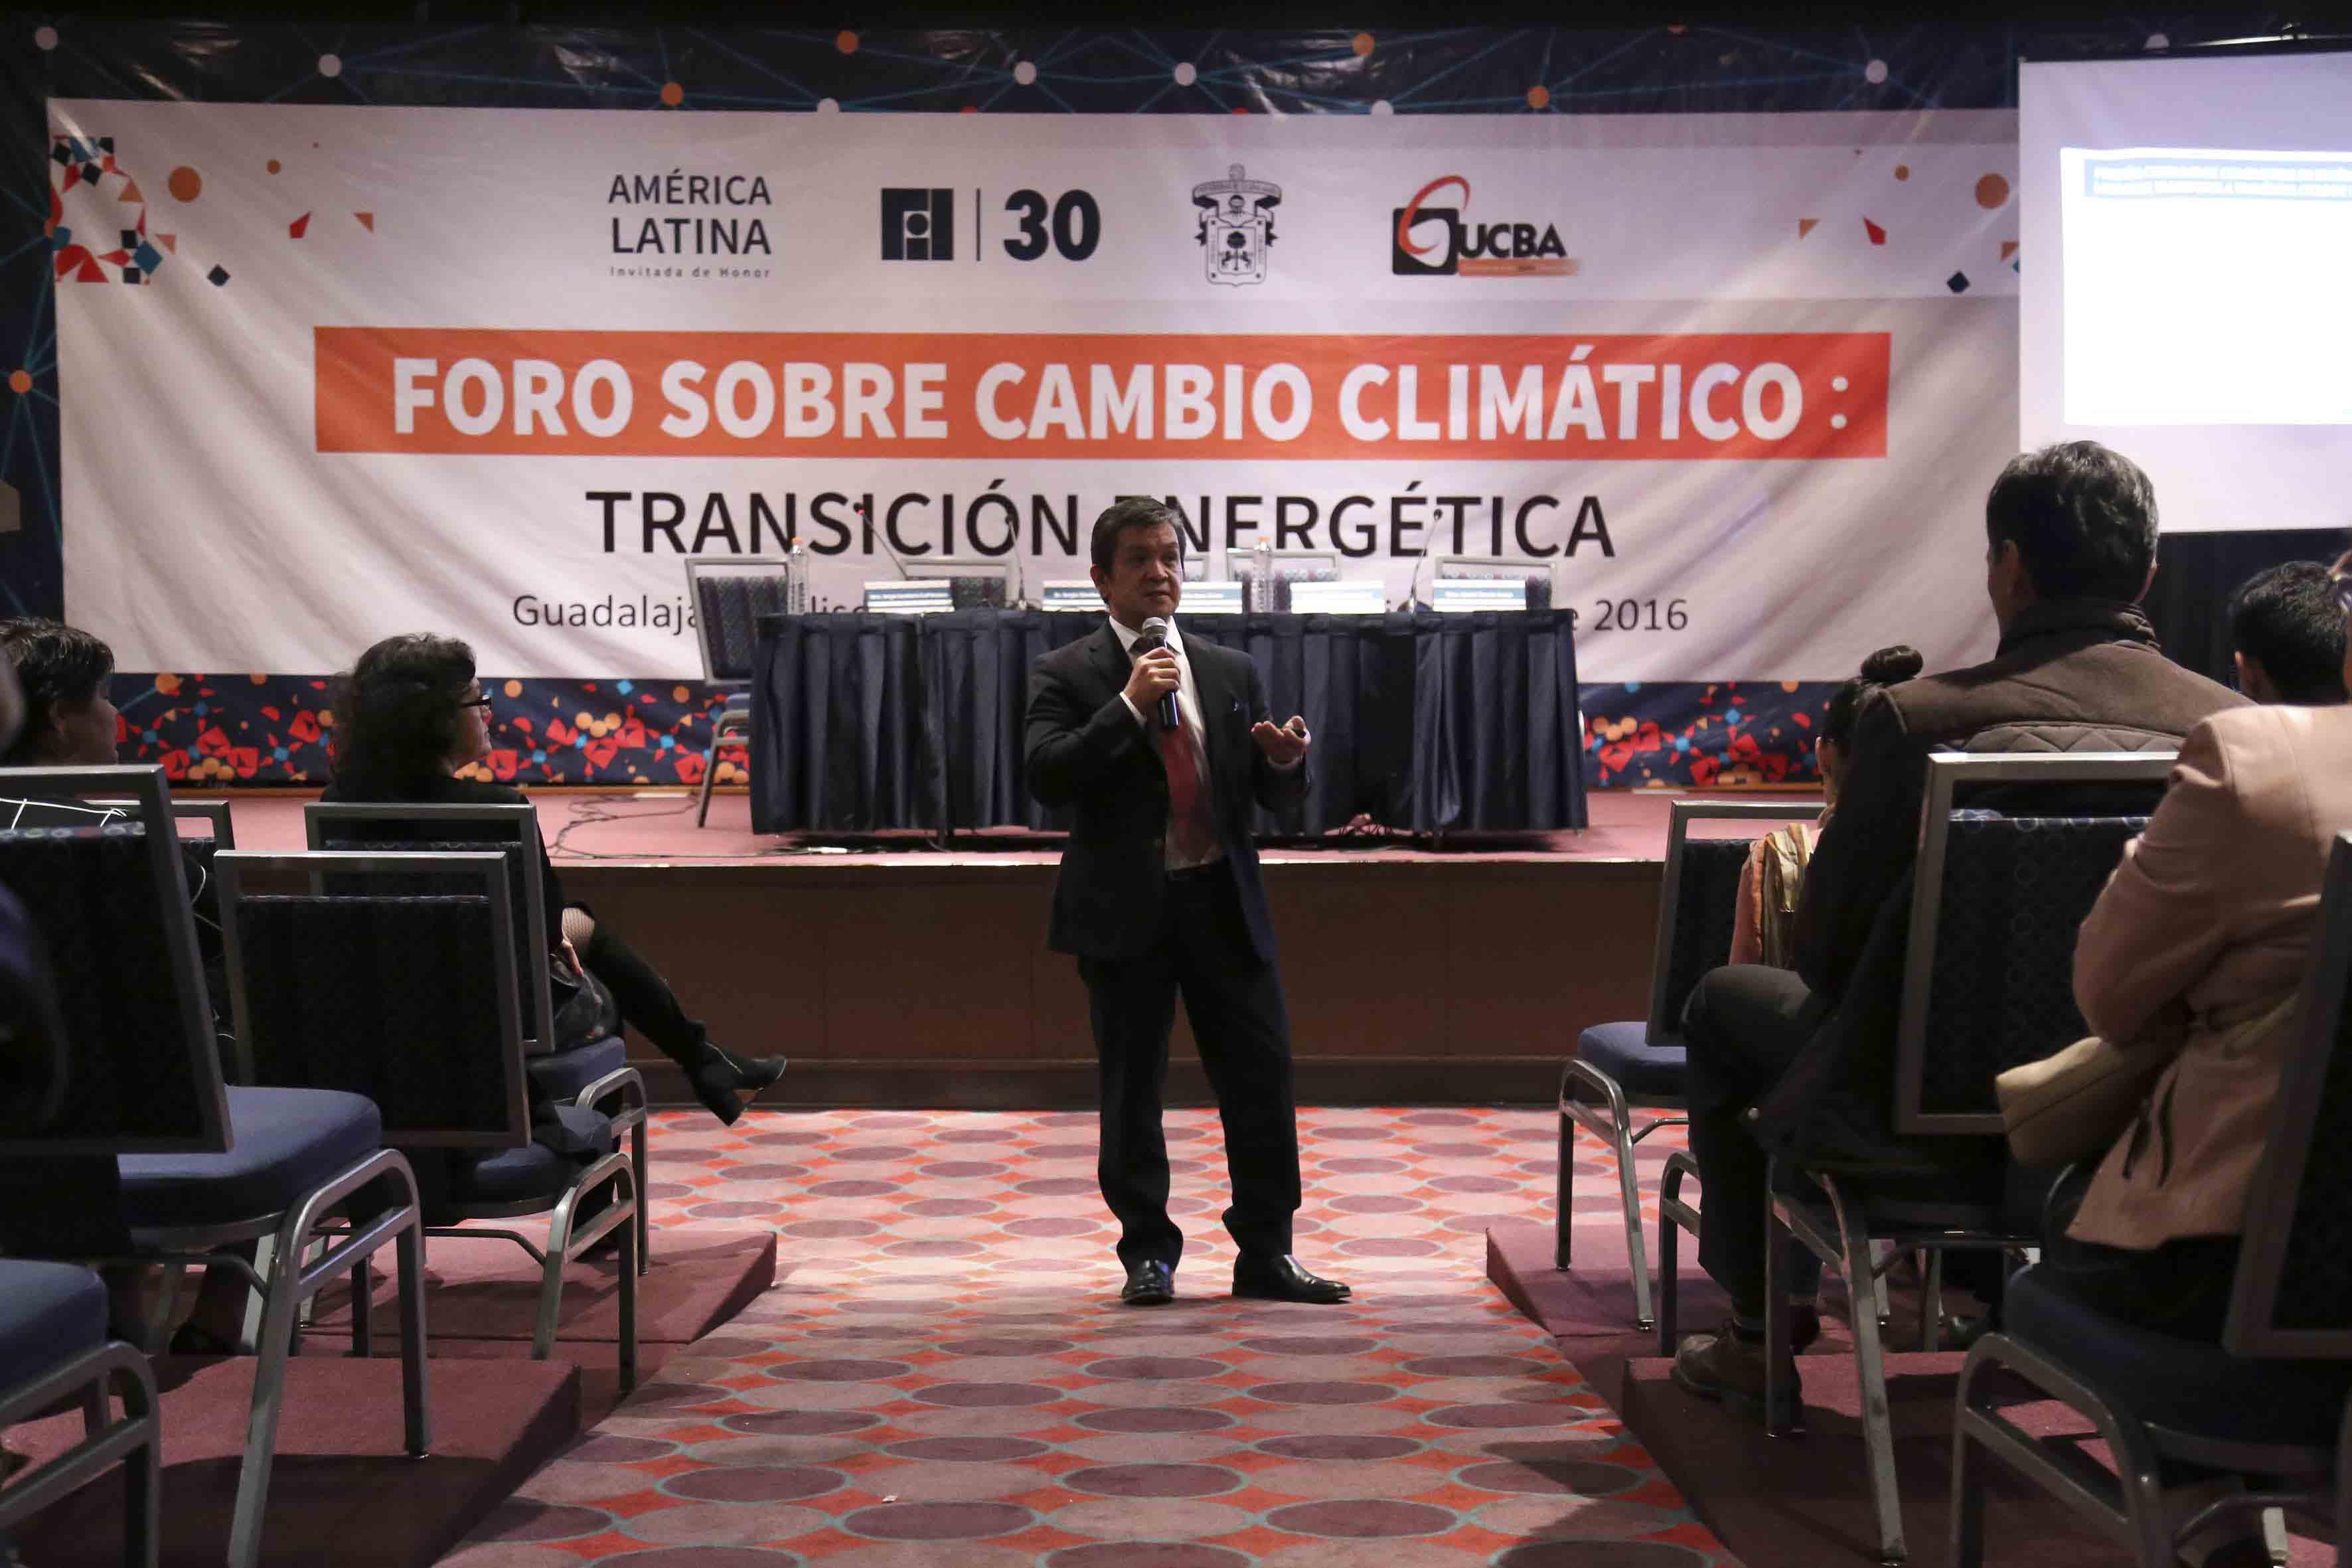 Dr. Sergio Sánchez martínez, dando una plática durante el Foro sobre cambio climático, transición y energía fotovoltáica.